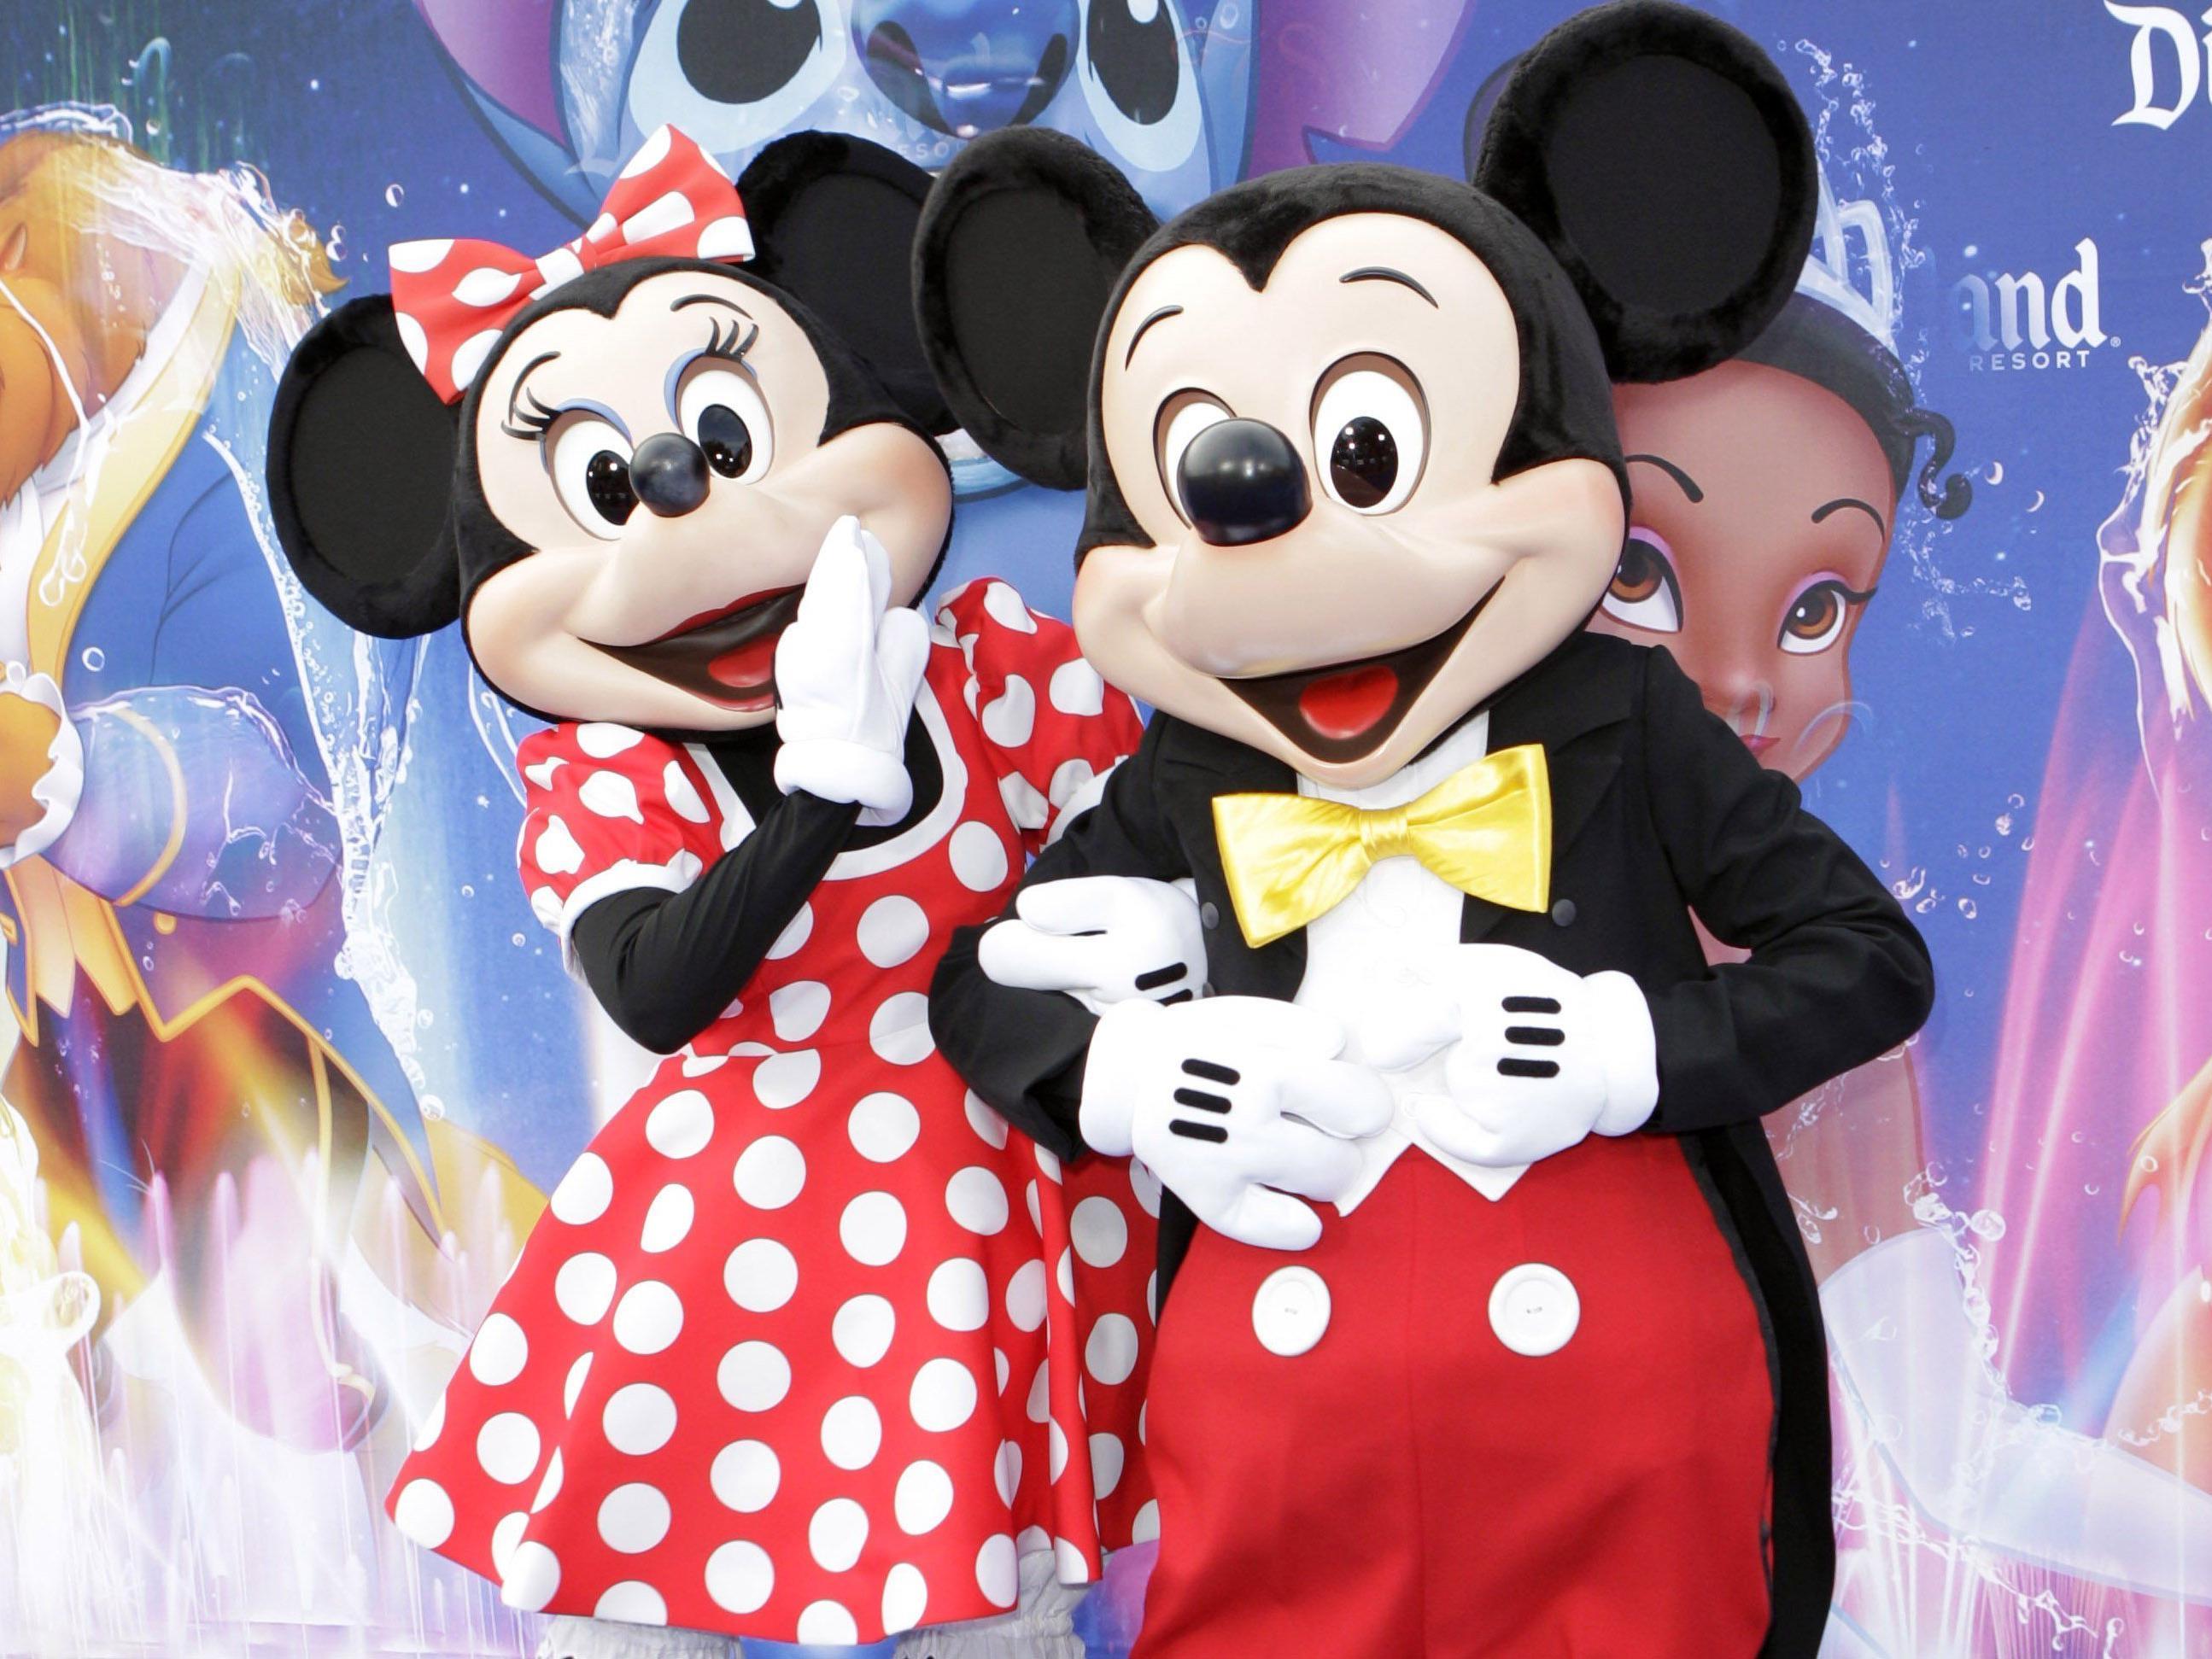 Disney Kostüme für Kinder & Erwachsene ⇒ 24h Versand | Funidelia